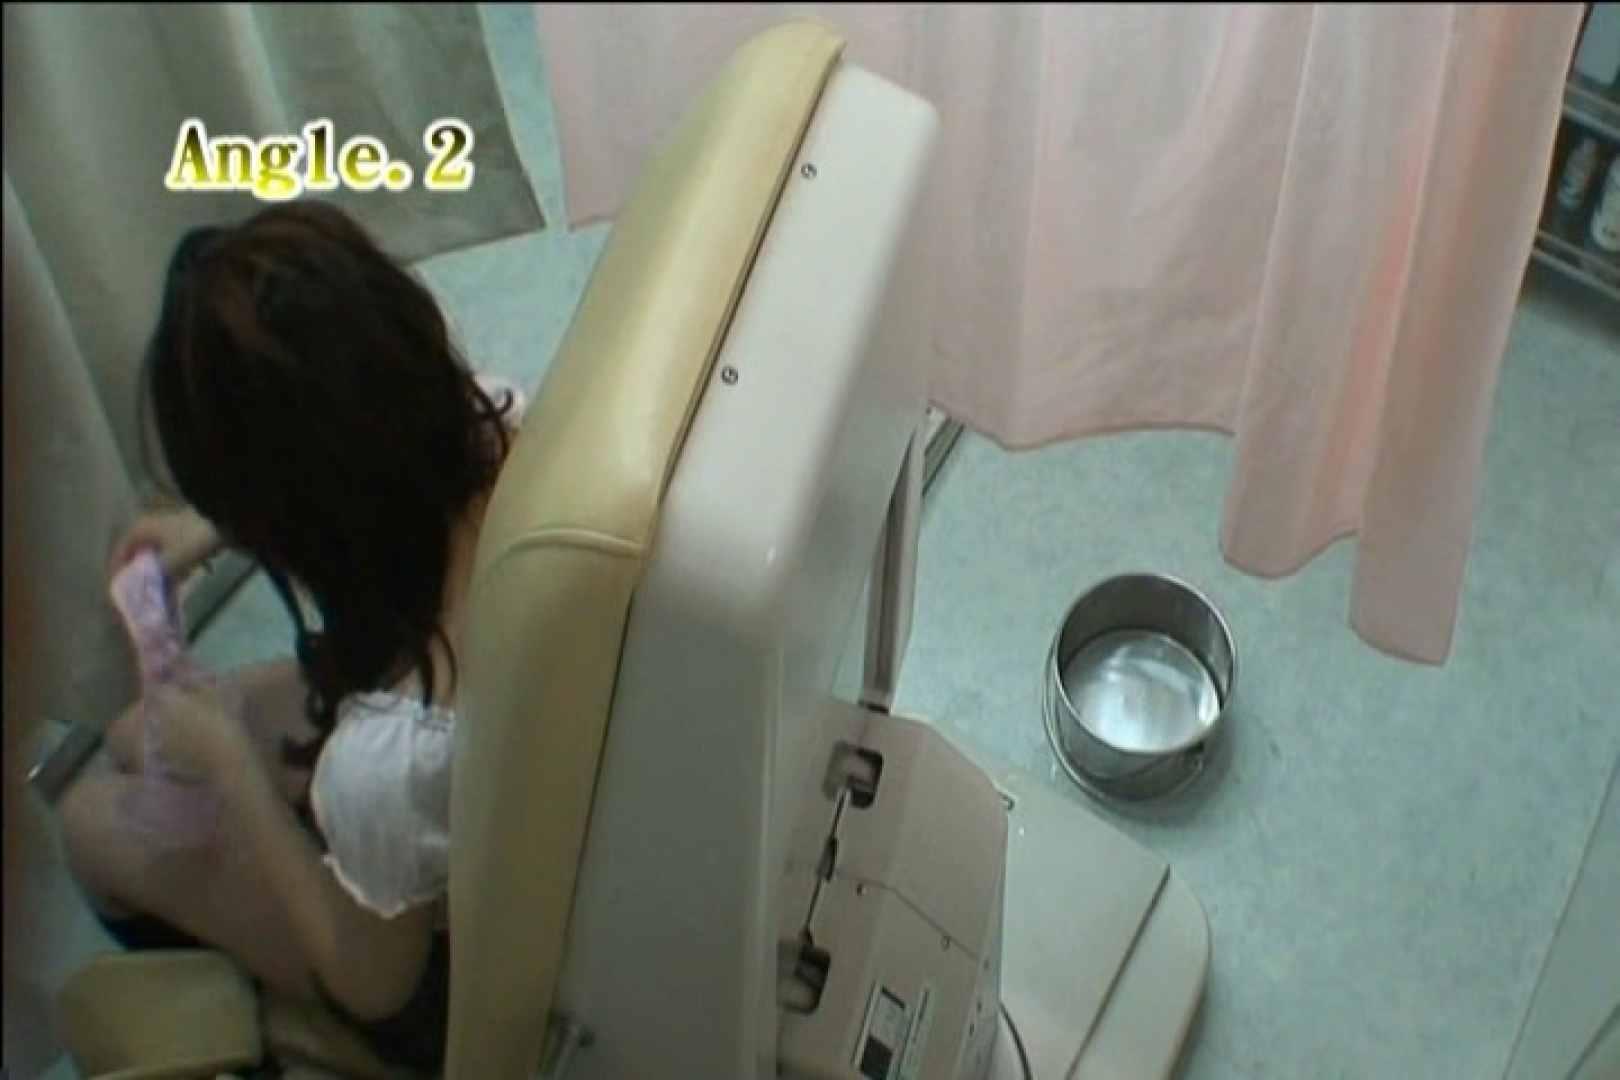 患者のおまんこをコレクションする変態医師の流出映像Vol.2 ワルノリ | エロティックなOL  86画像 52